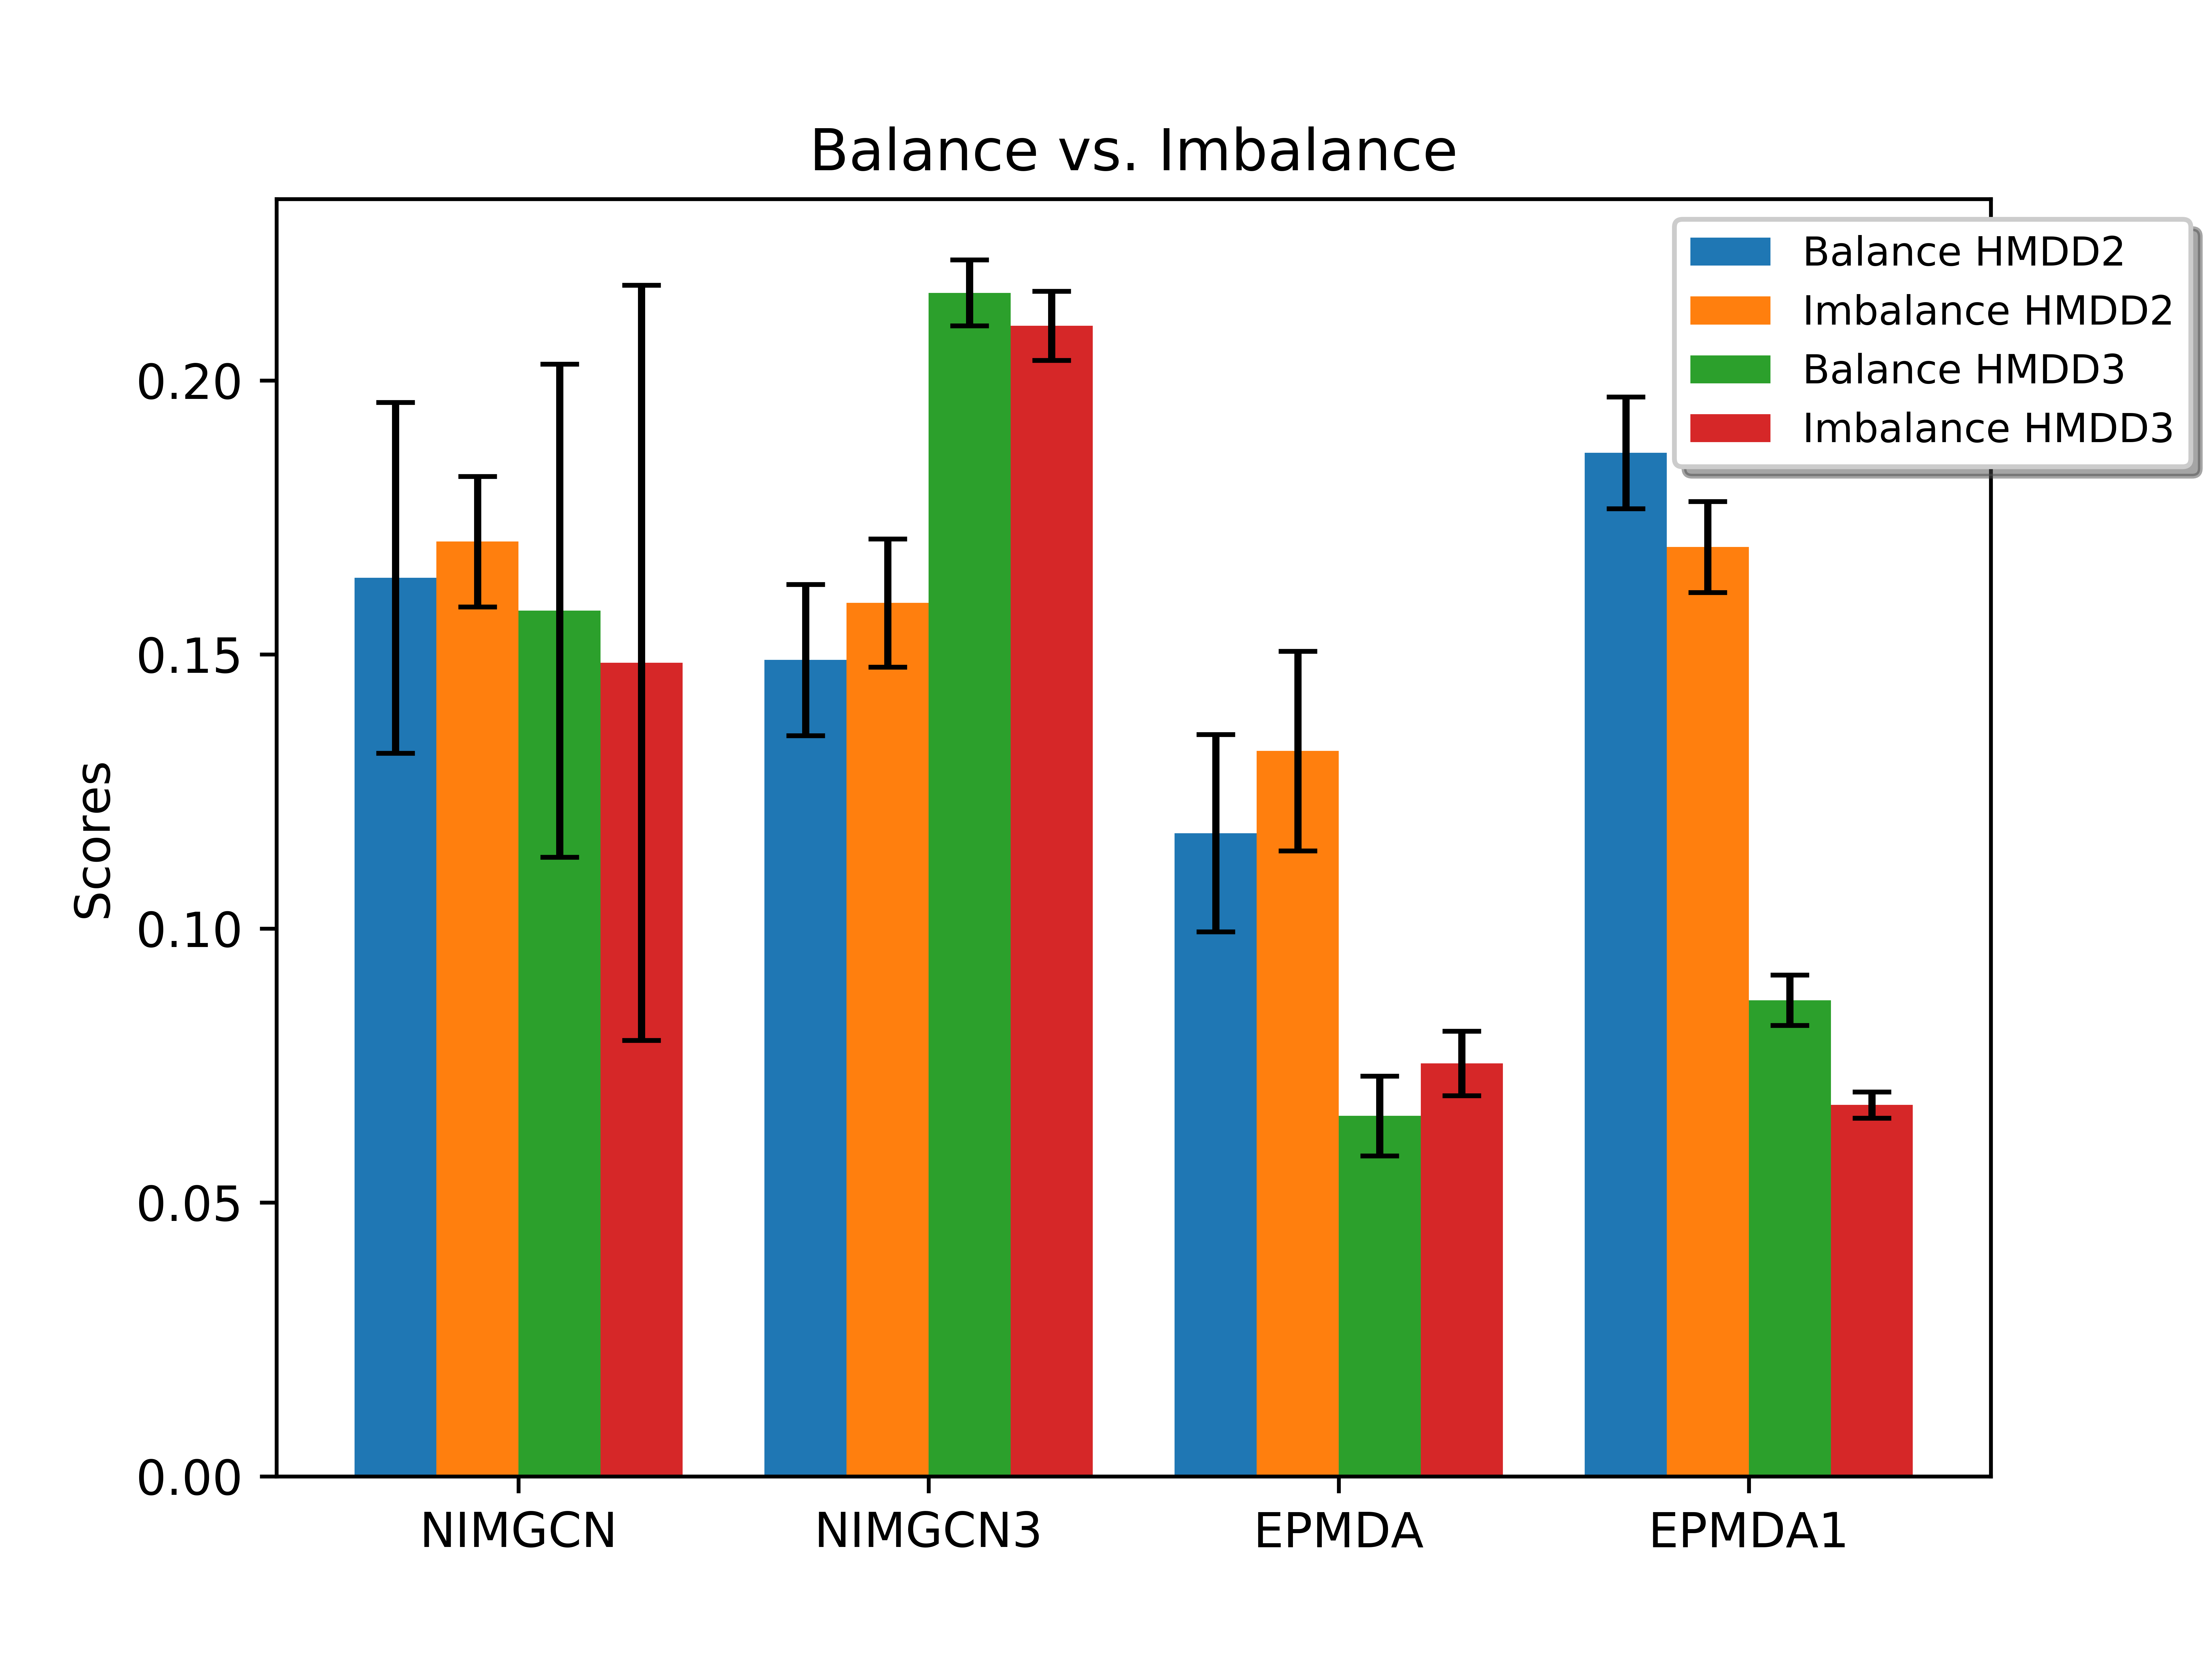 images/balance_vs_imbalance.png